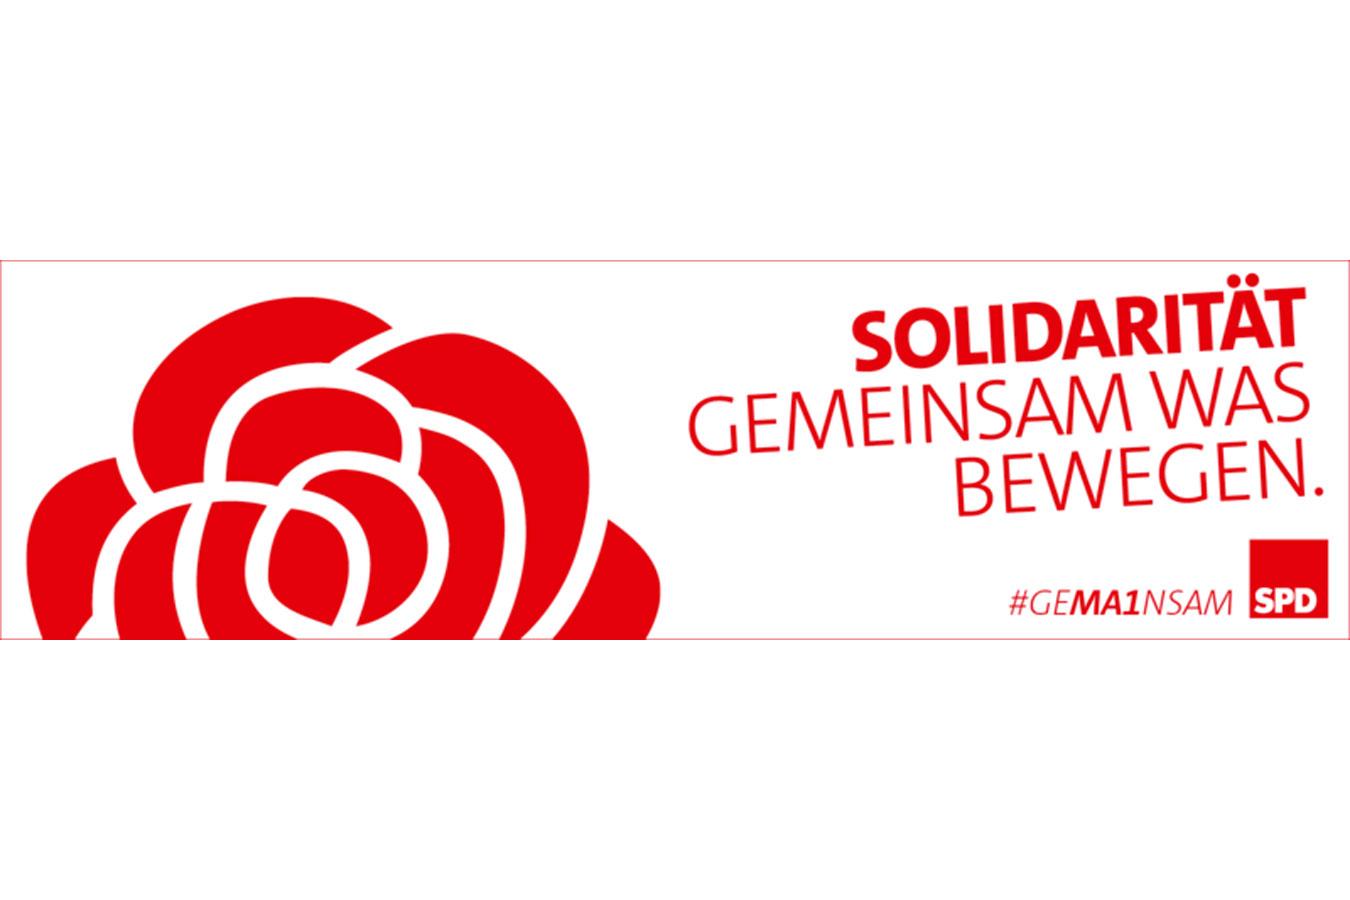 Solidarität. Gemeinsam was bewegen.